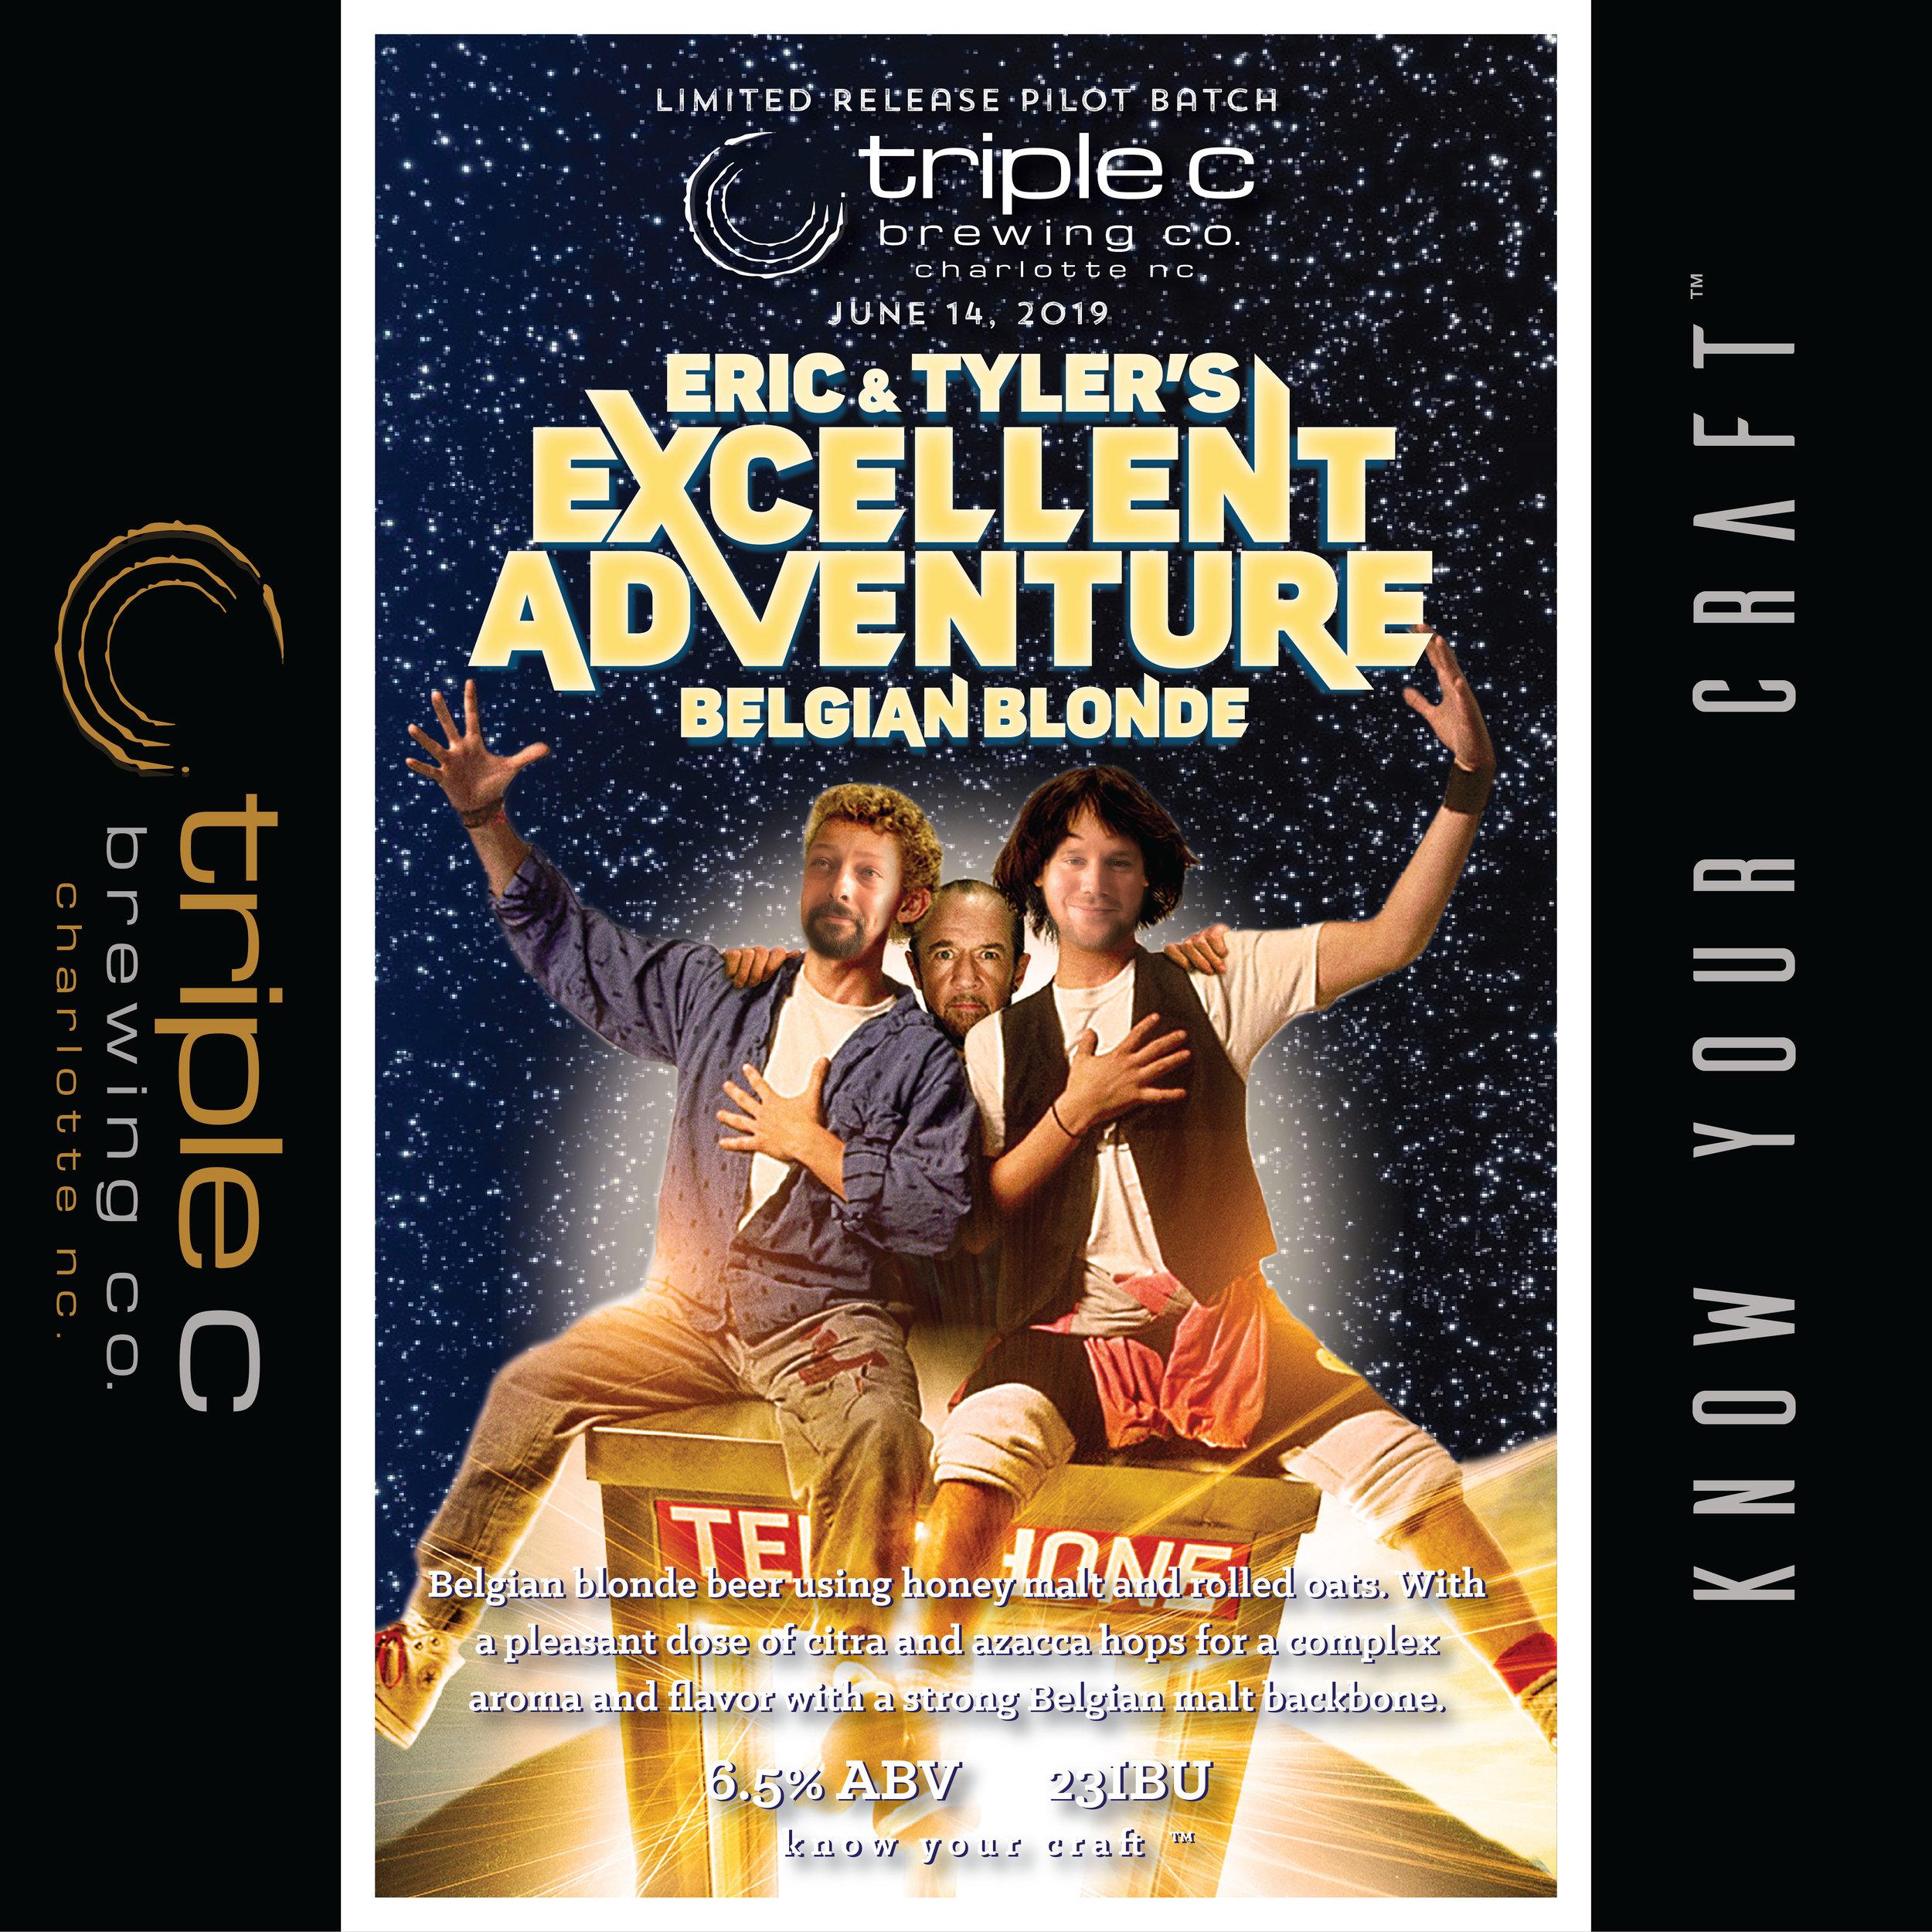 EricAndTylersExcellentAdventure_Media2.jpg